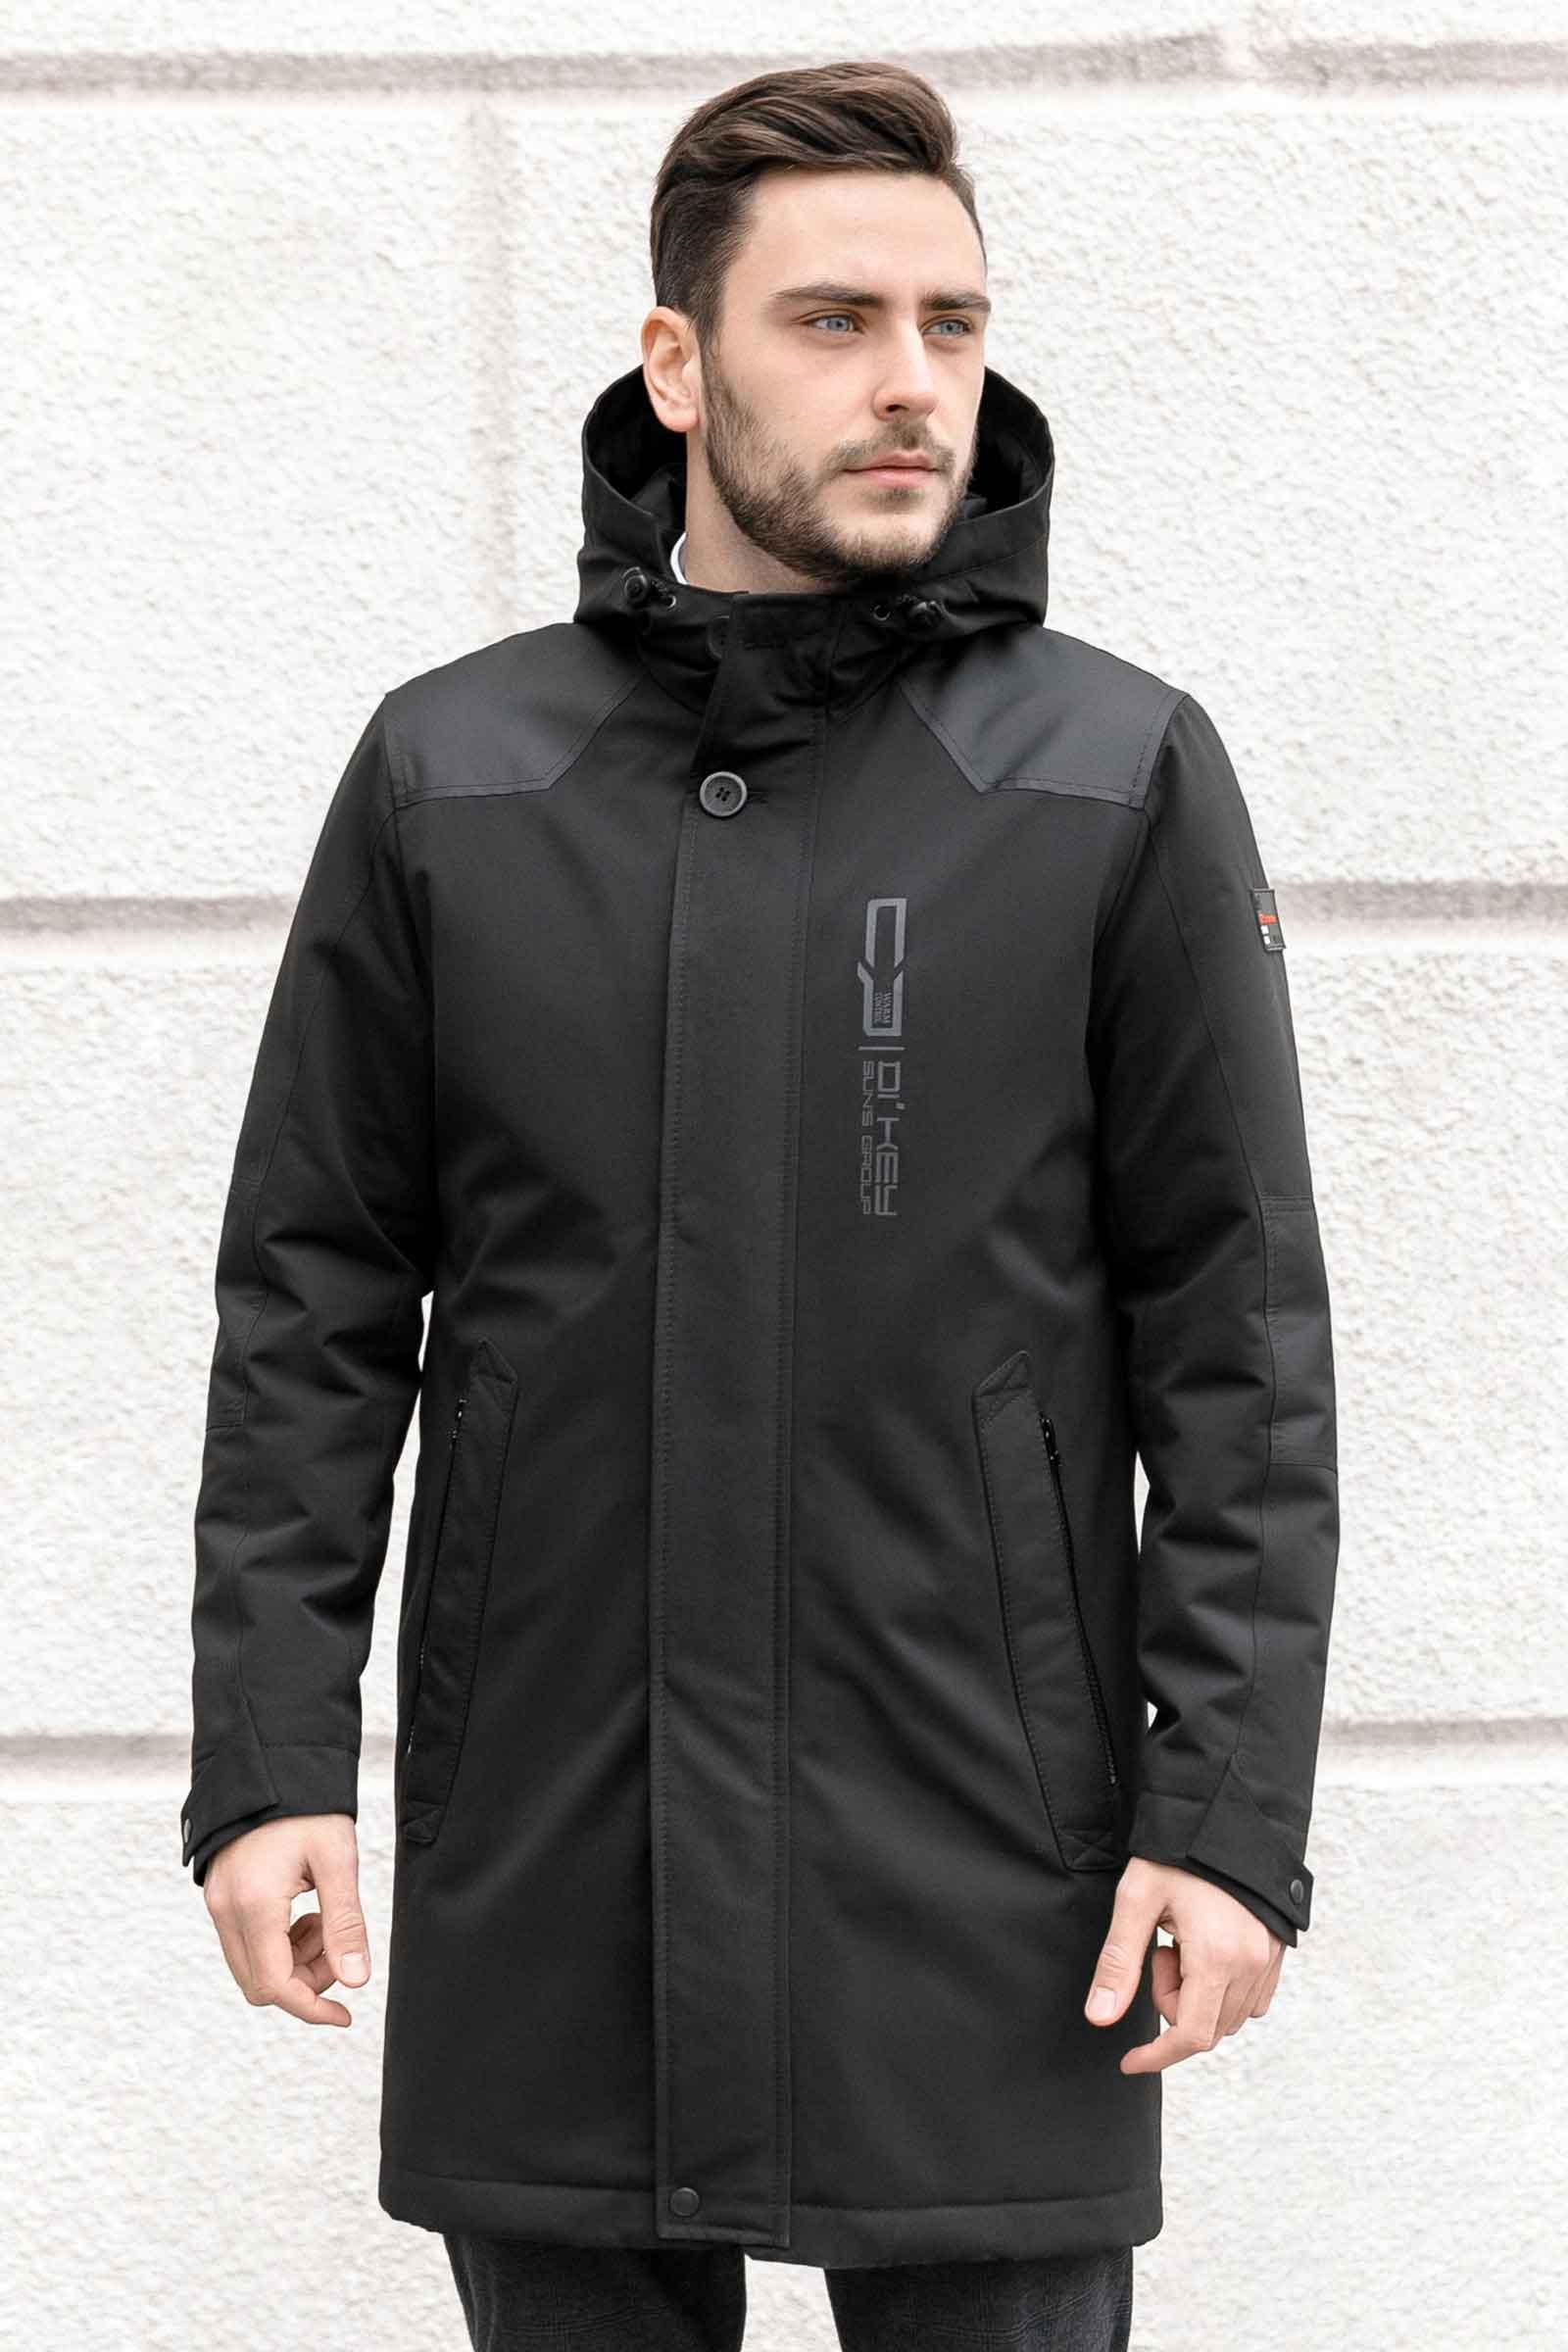 Мужская куртка дешево Днепр - фото